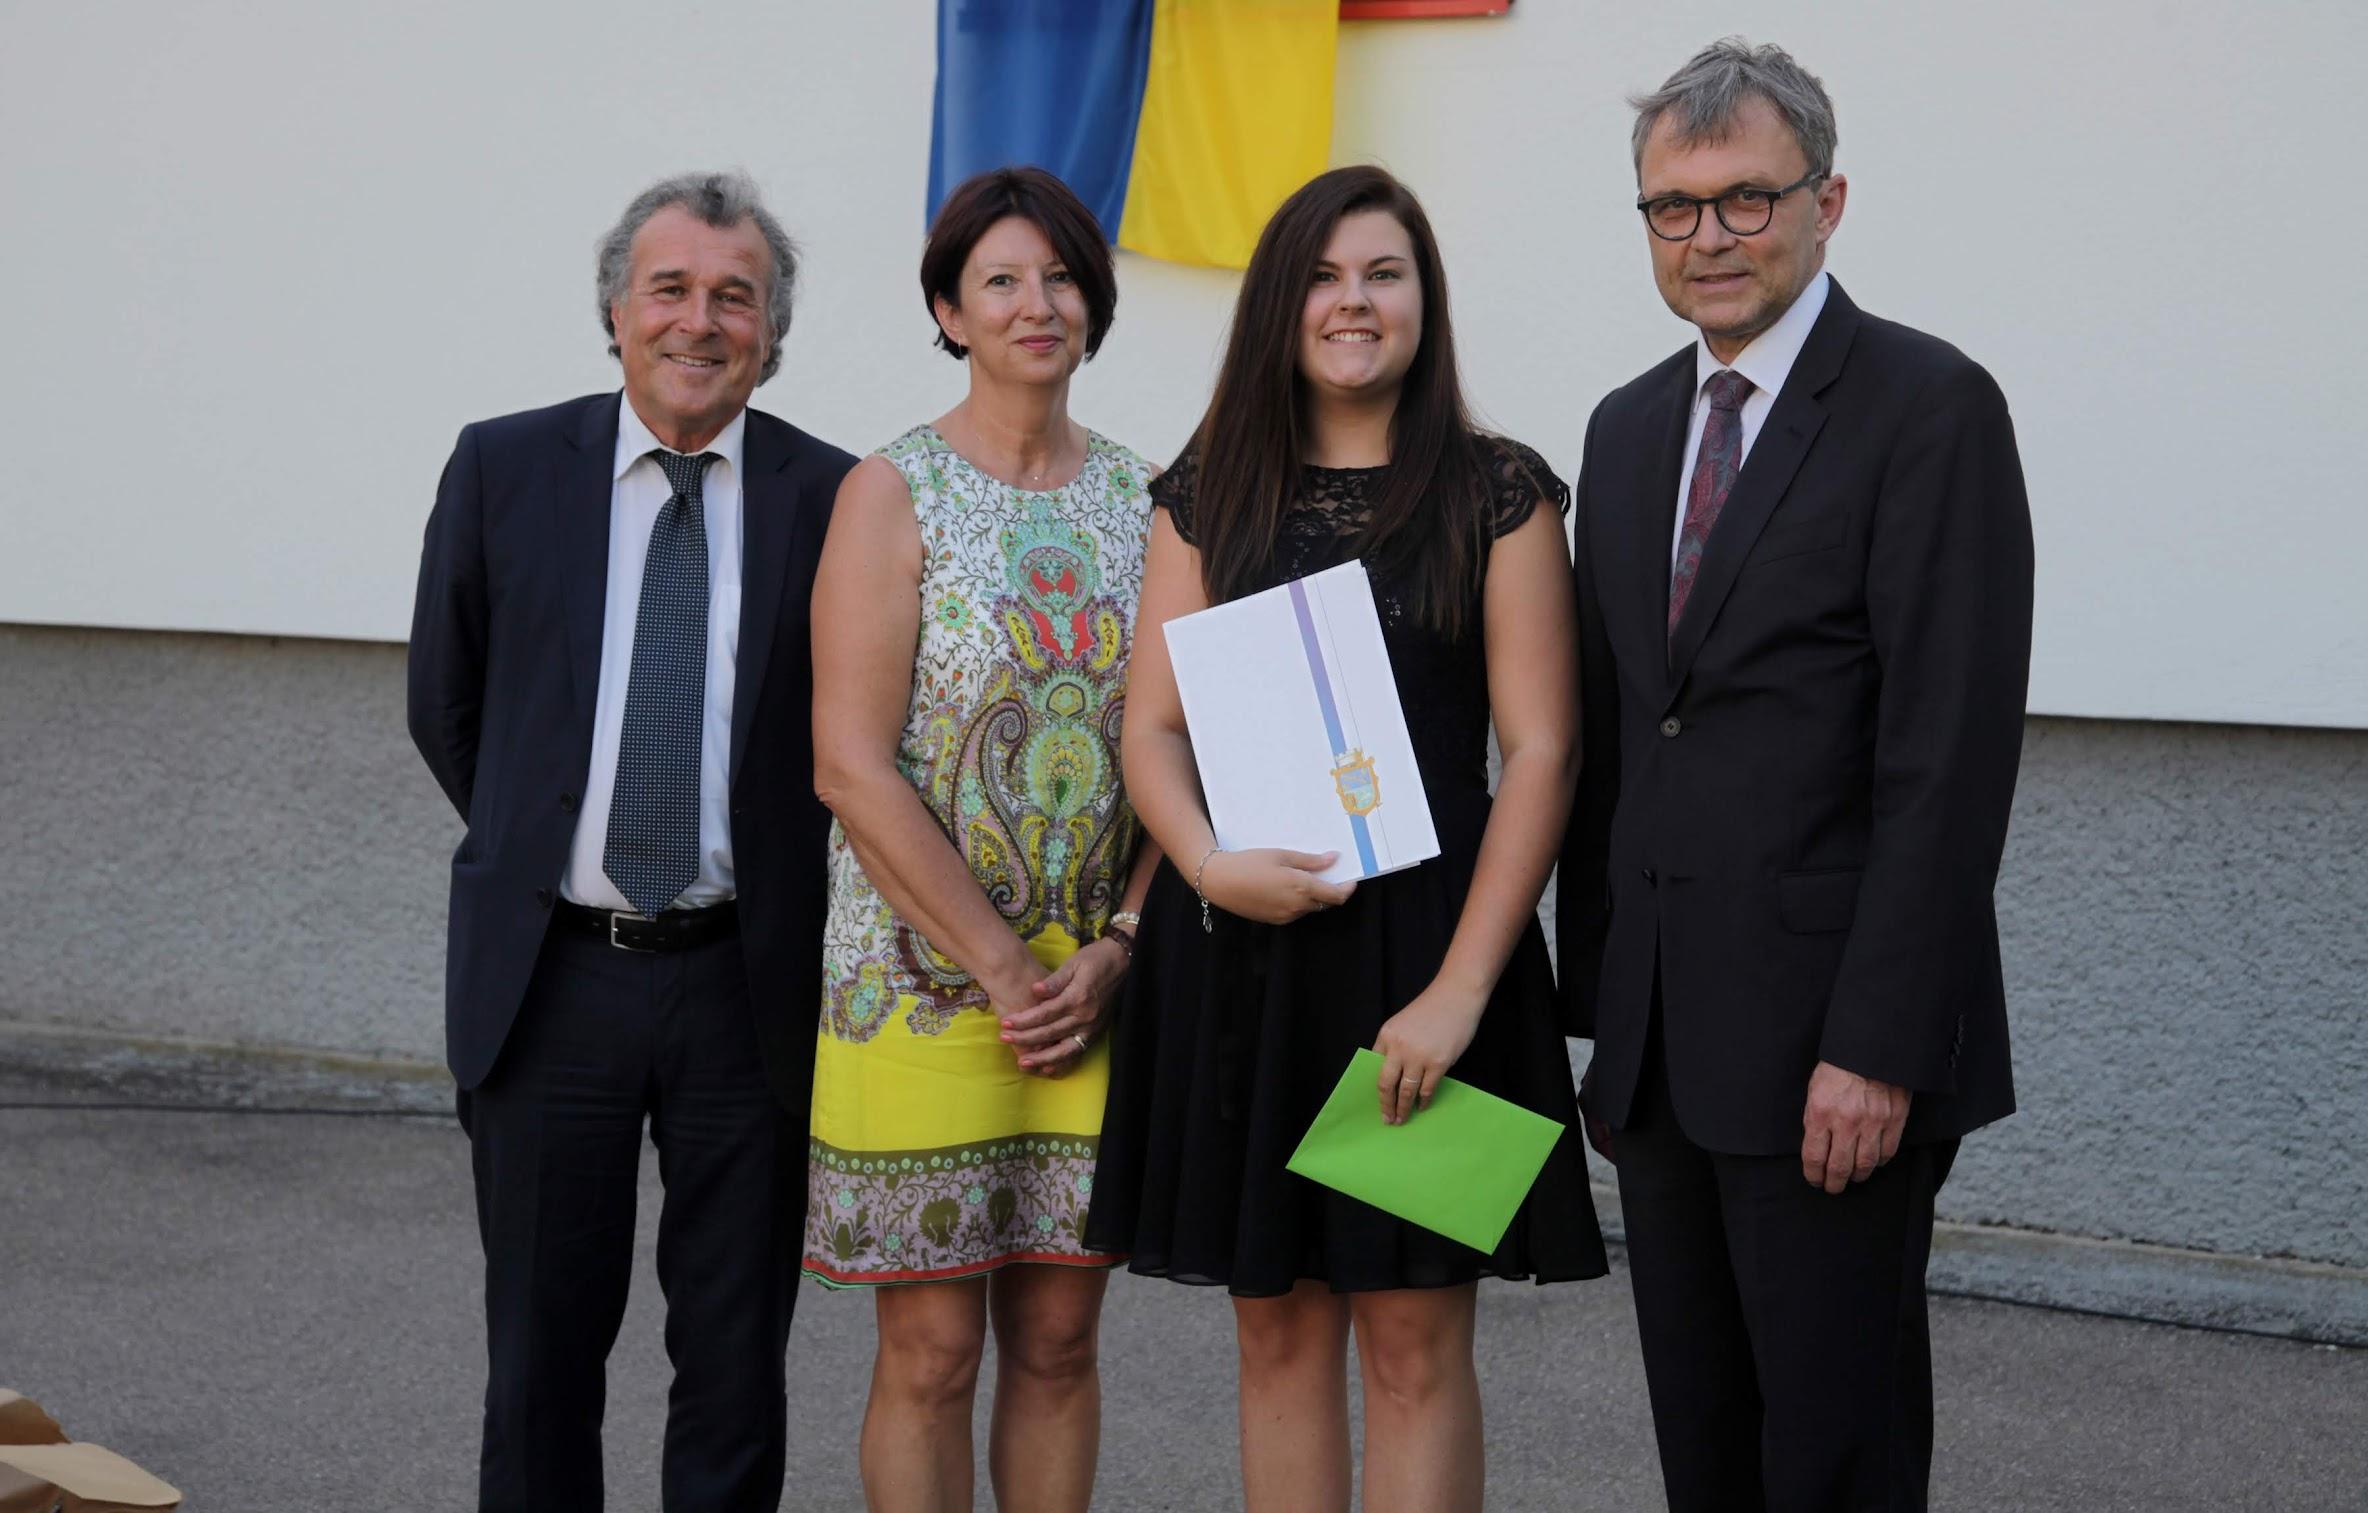 Reife- und Diplomprüfungszeugnisse für stolze AbsolventInnen der HLW